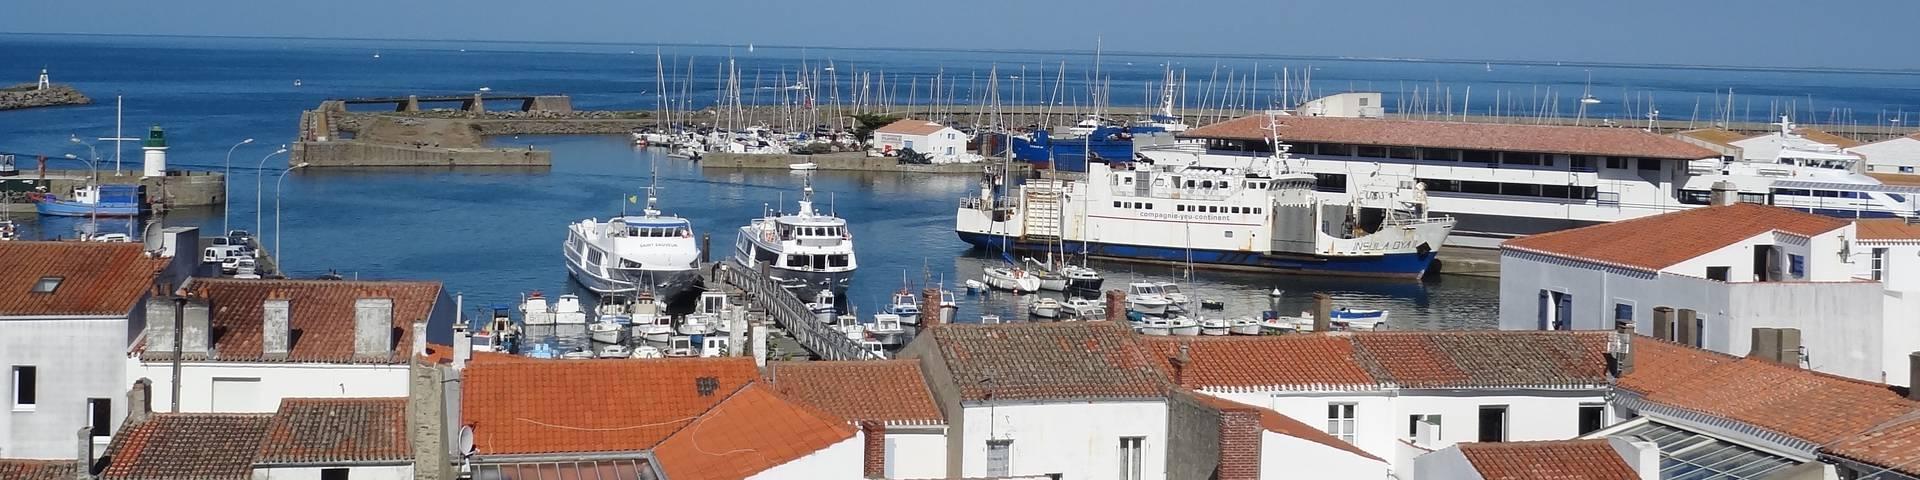 Les travers es maritimes office de tourisme de l 39 ile d 39 yeu - Office tourisme fromentine ...